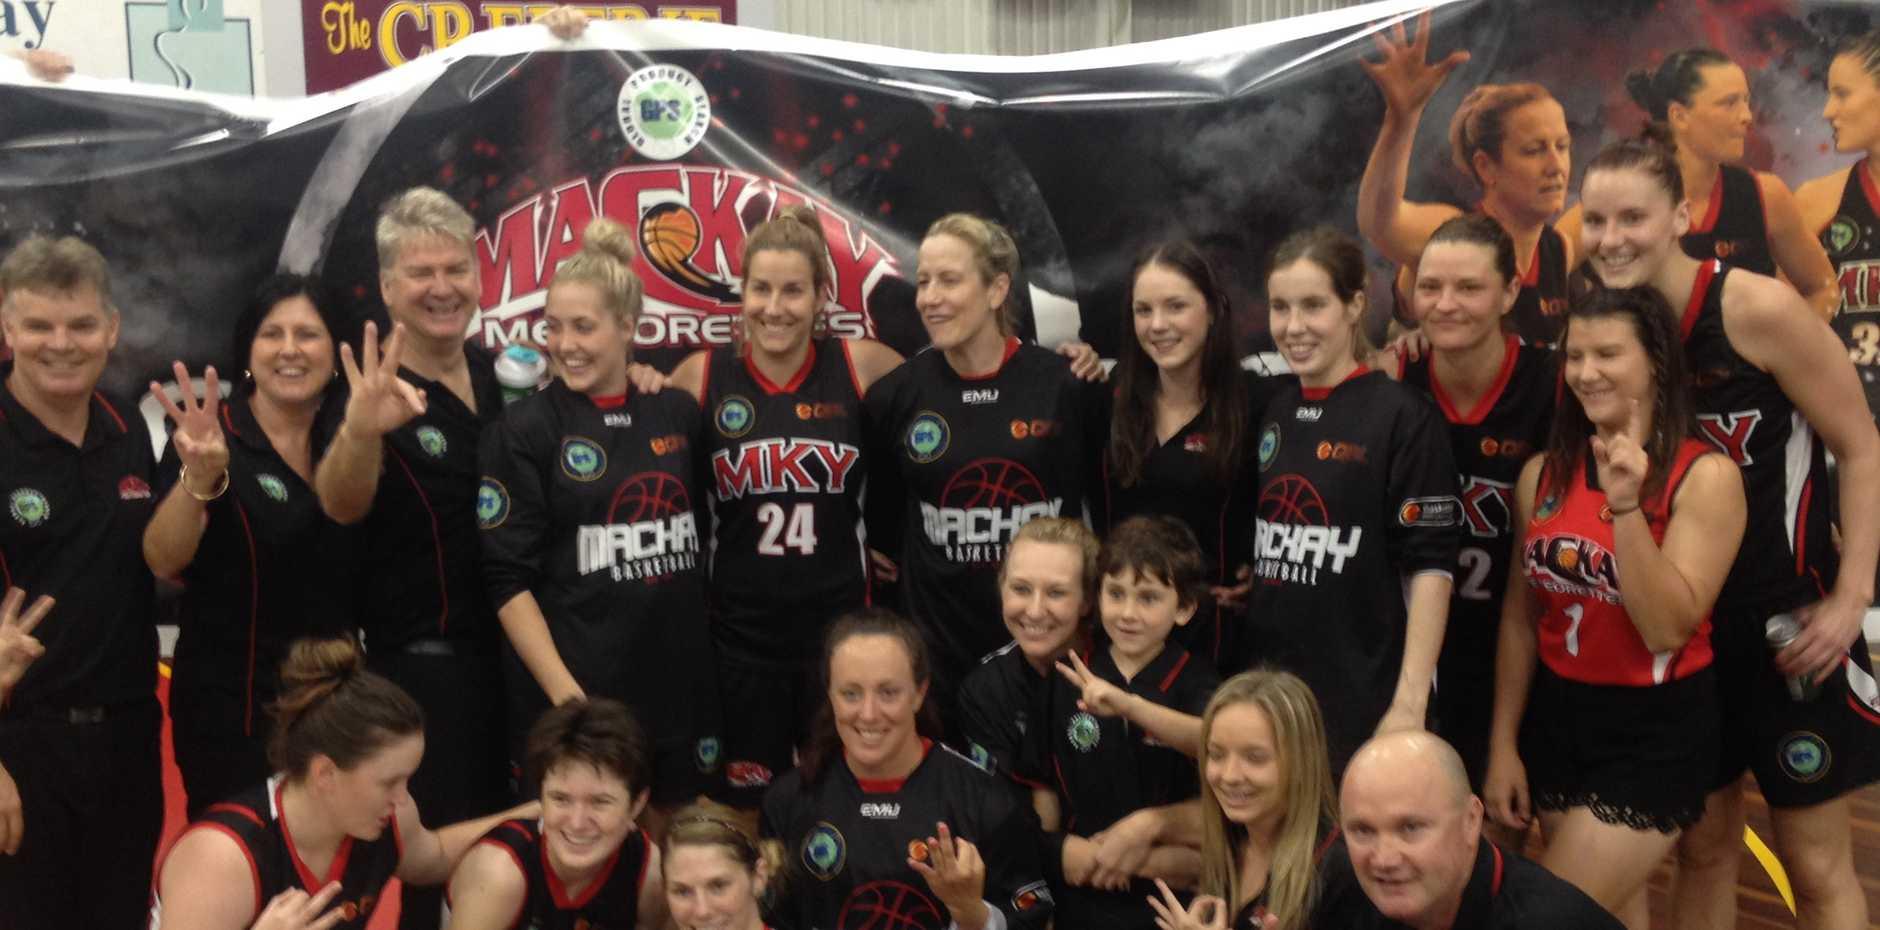 QBL-winning Mackay Meteorettes team.